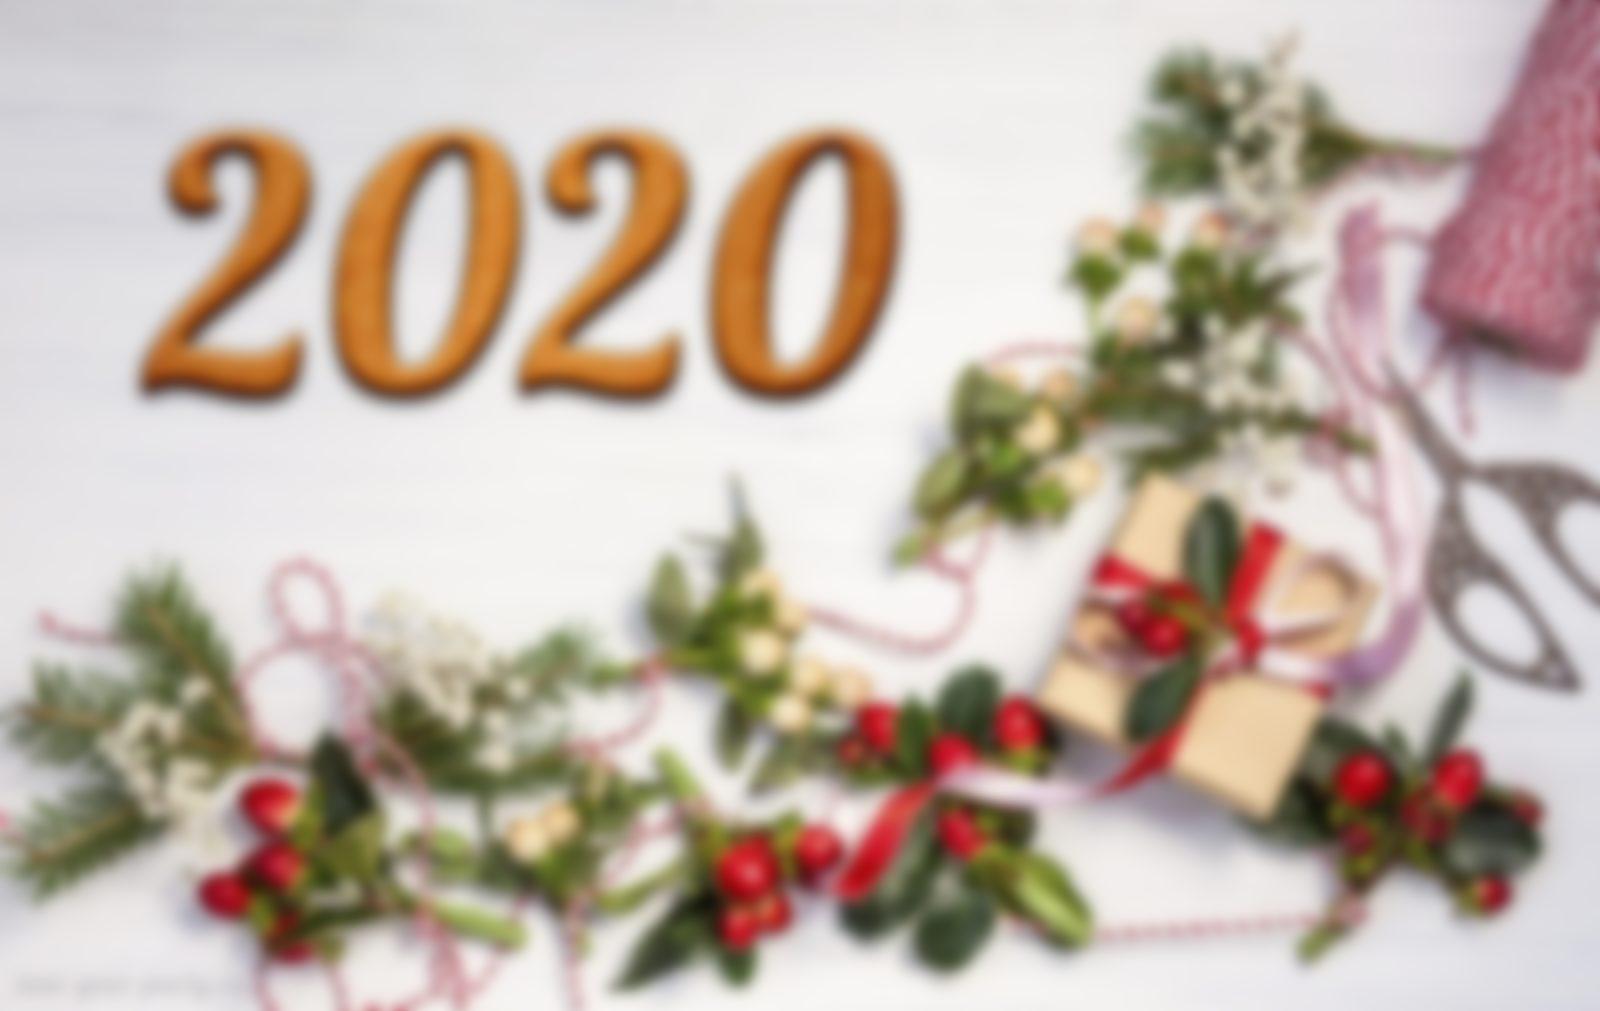 Как встретить Новый год 2020, чтобы он был удачным ...